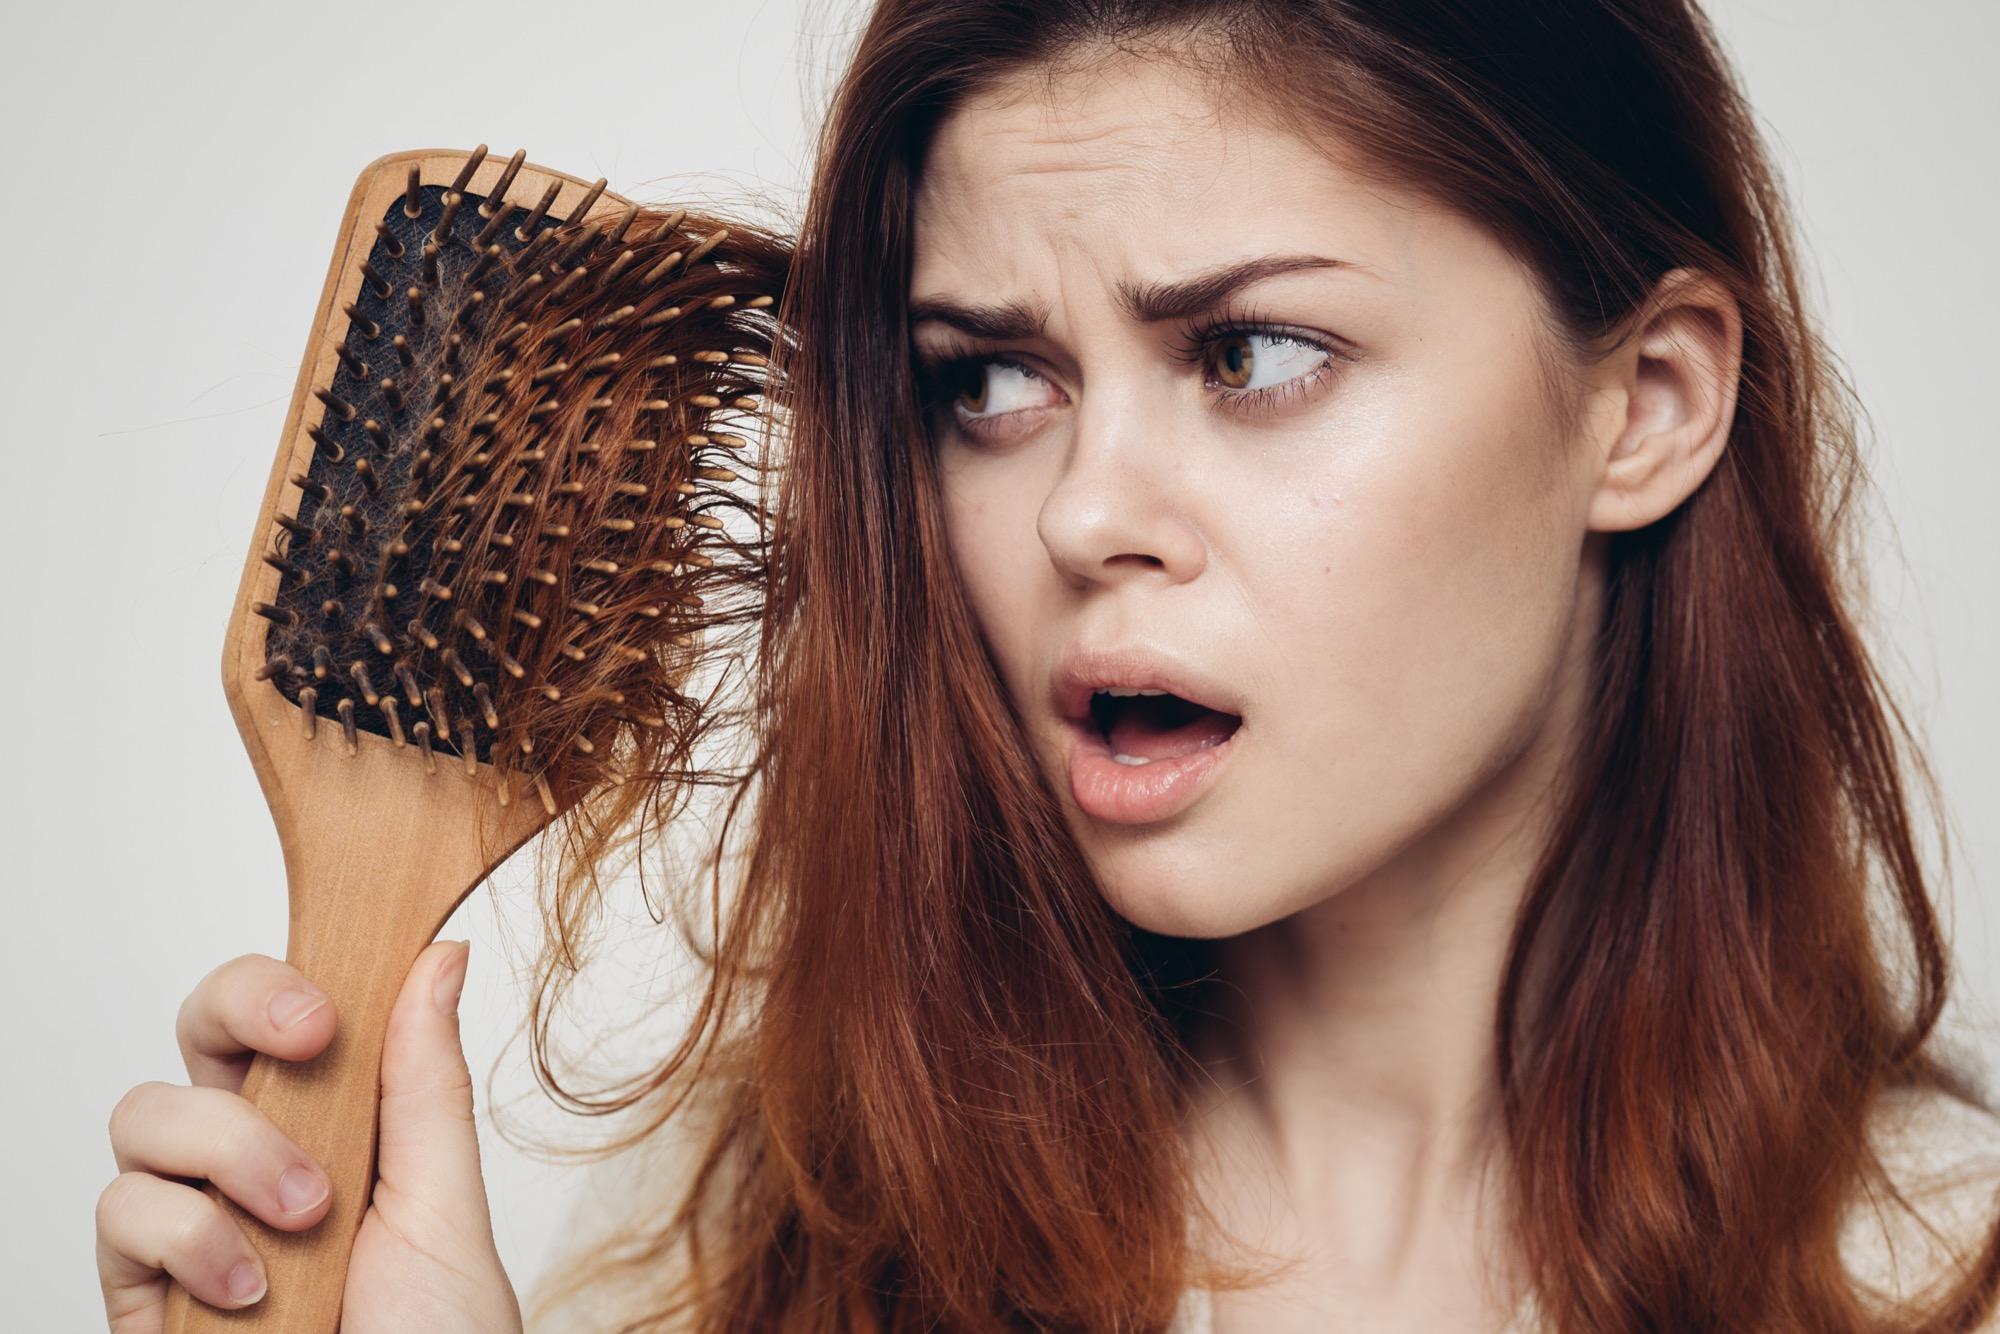 Aufgepasst Diese Fehler Machen Wir Vermutlich Alle Beim Haare